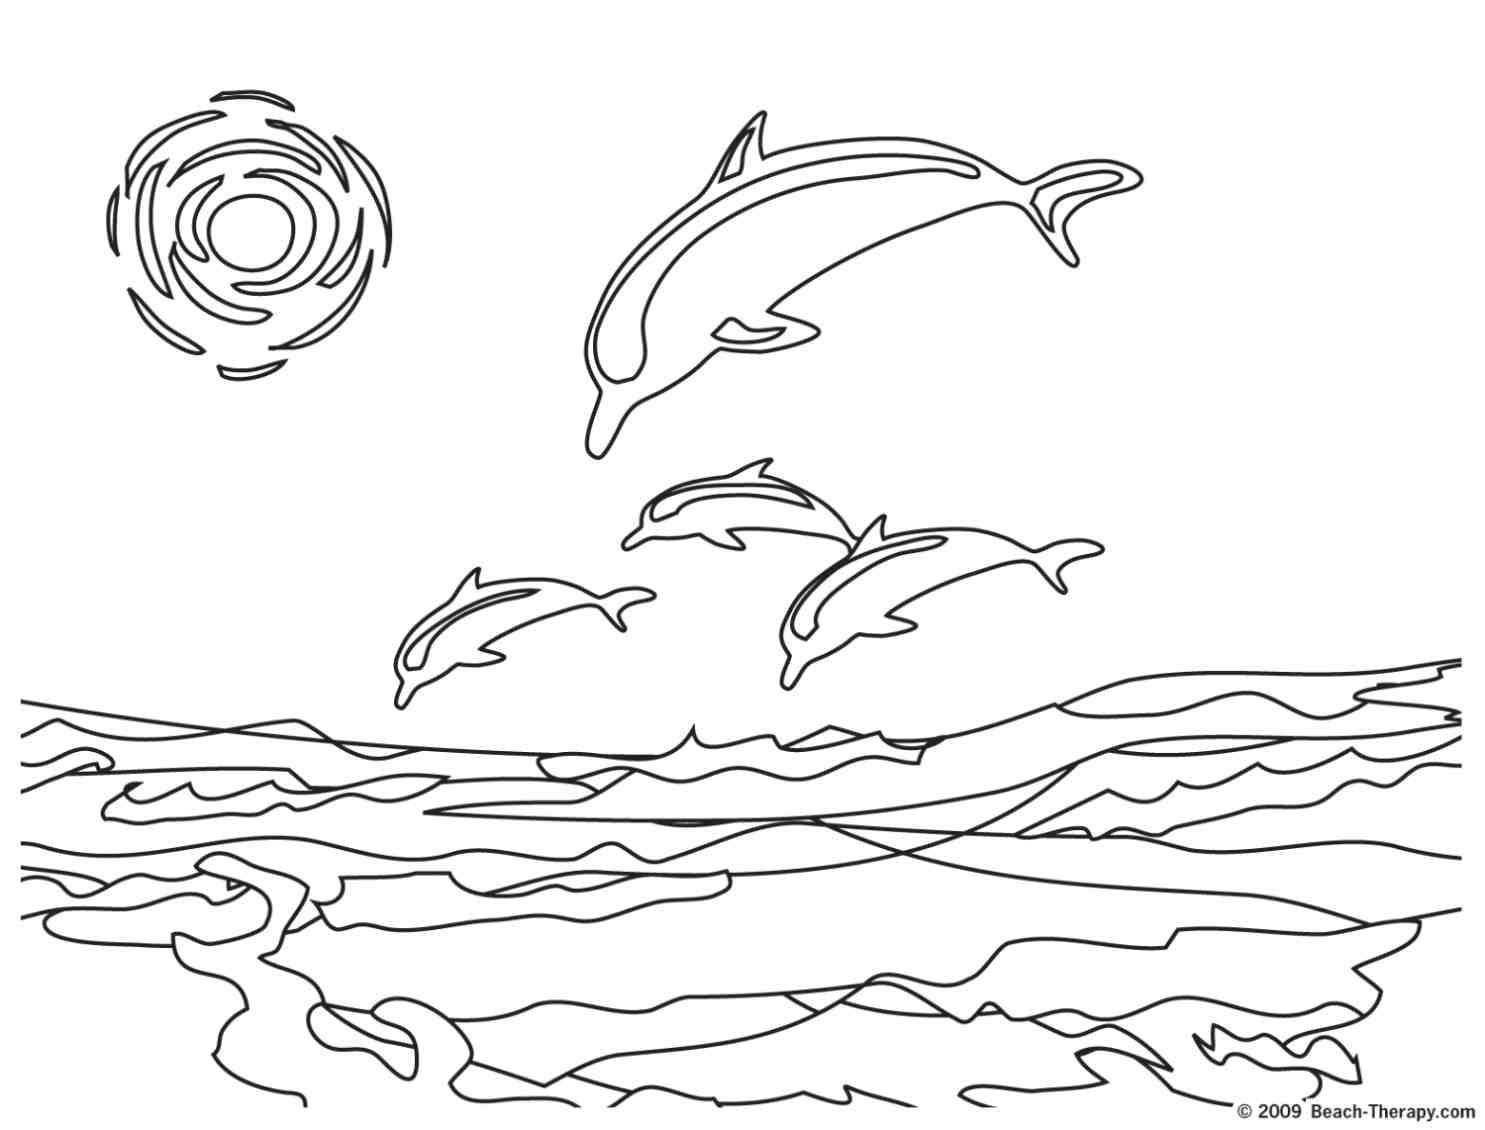 56 dessins de coloriage plage à imprimer sur LaGuerche.com - Page 5